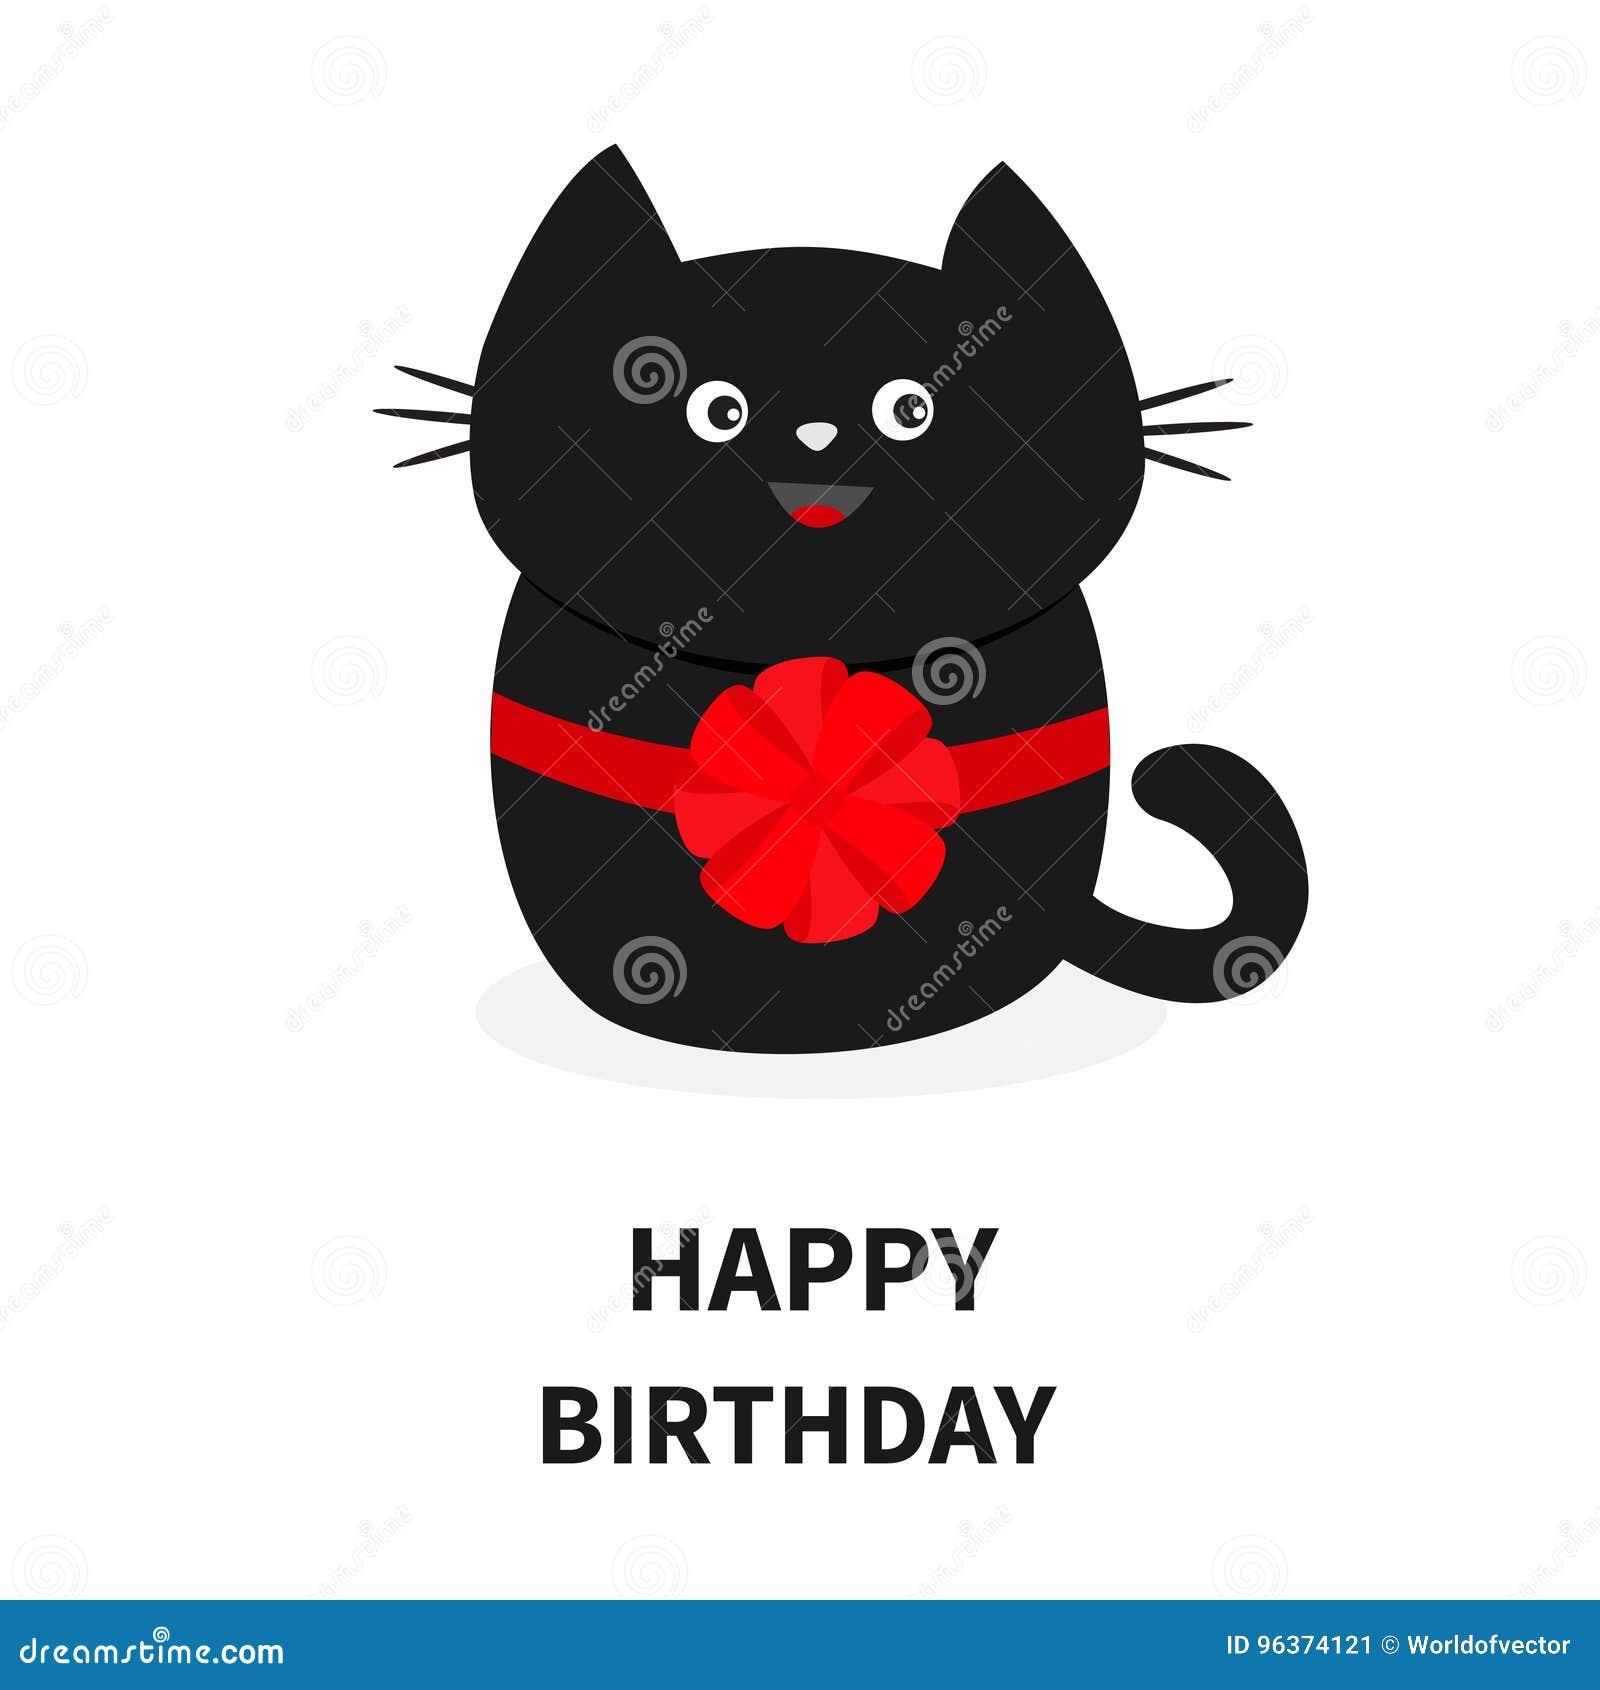 Icono Del Gato Negro Con El Arco Rojo Redondo Personaje De Dibujos